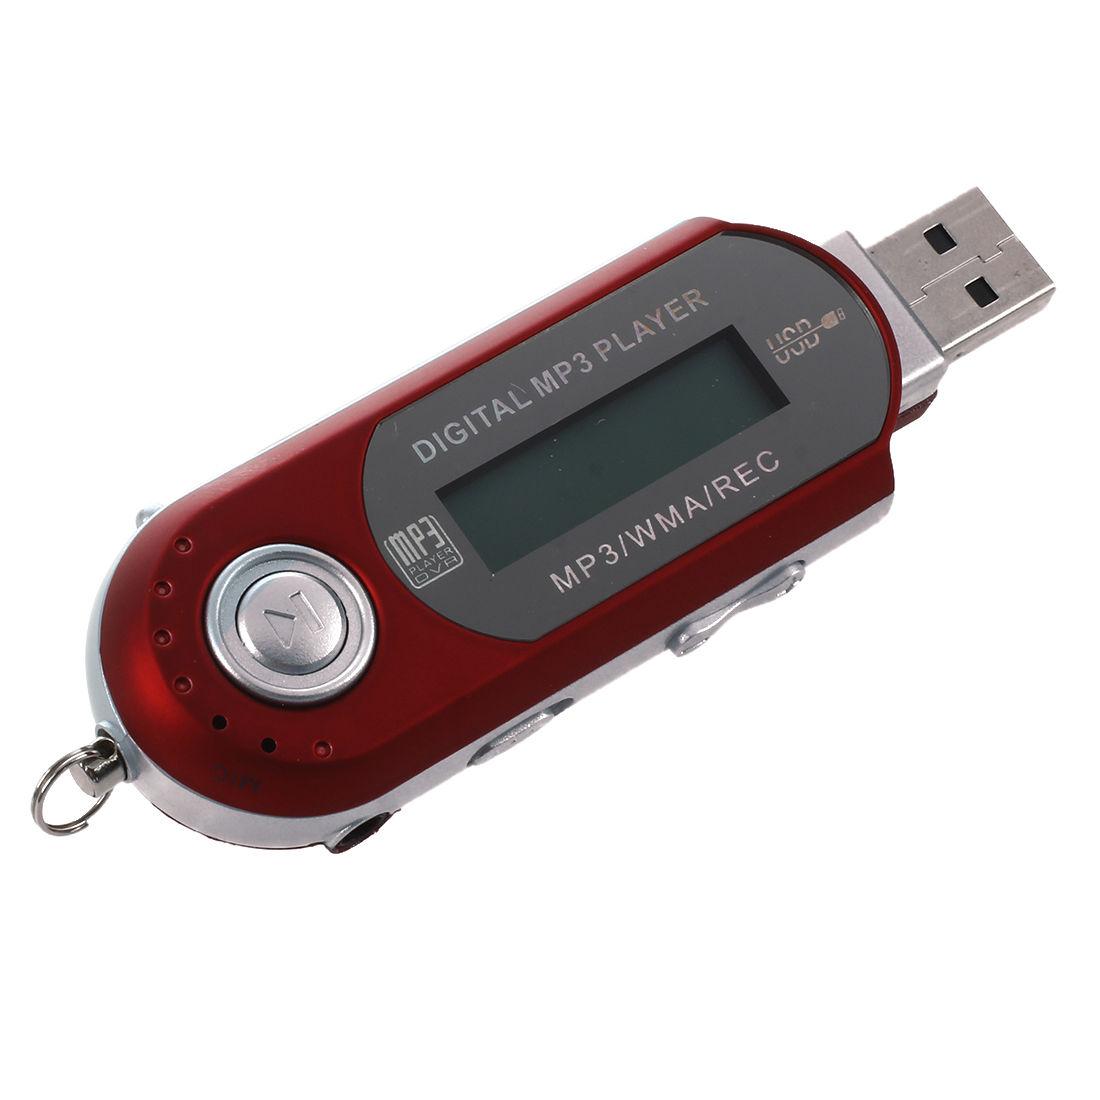 8g Usb Flash Drive Mp3 Player Fm Walkman Red Sdt